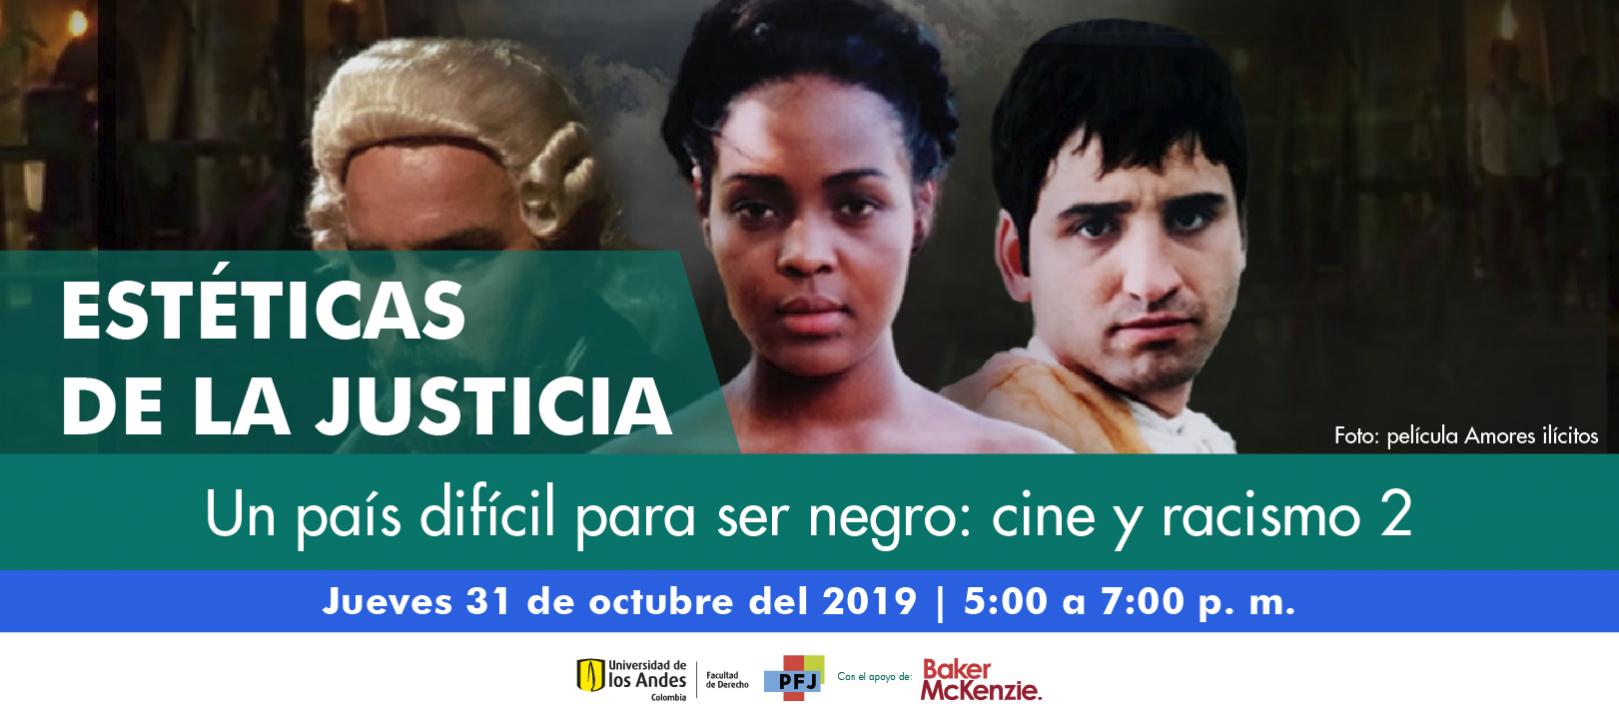 Estéticas de la justicia - Un país difícil para ser negro: cine y racismo 2